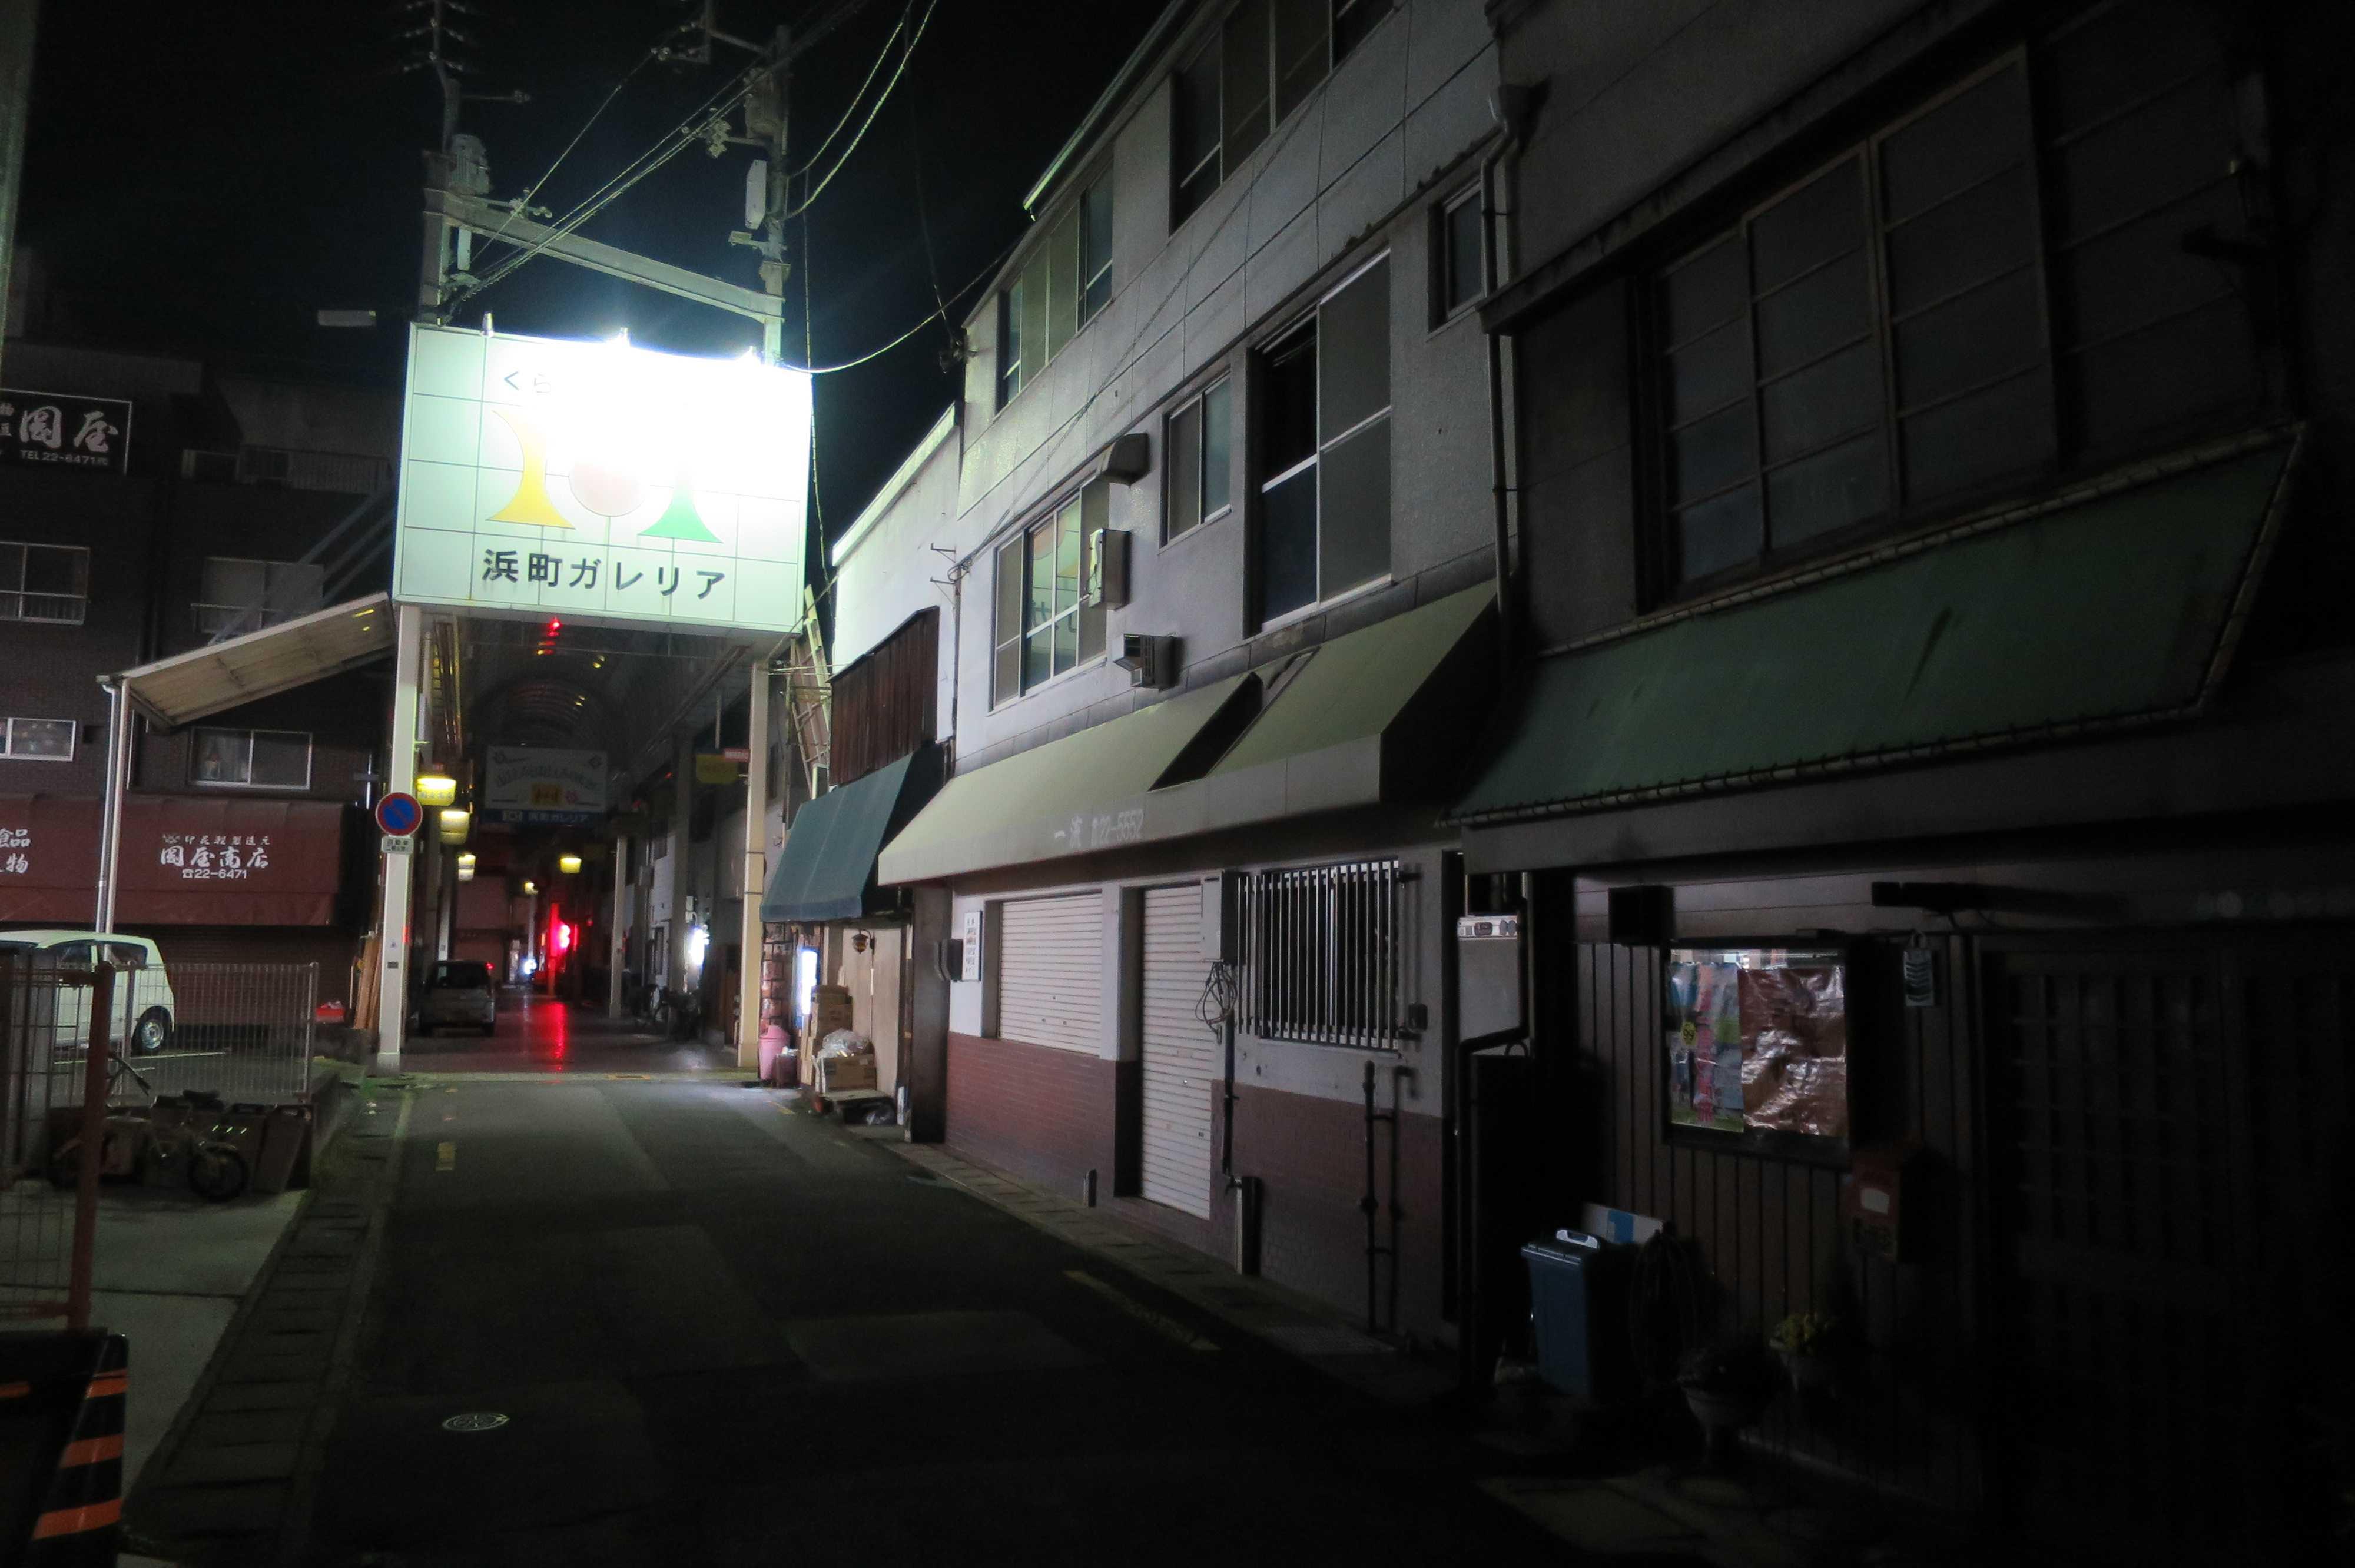 浜町ガレリア商店街